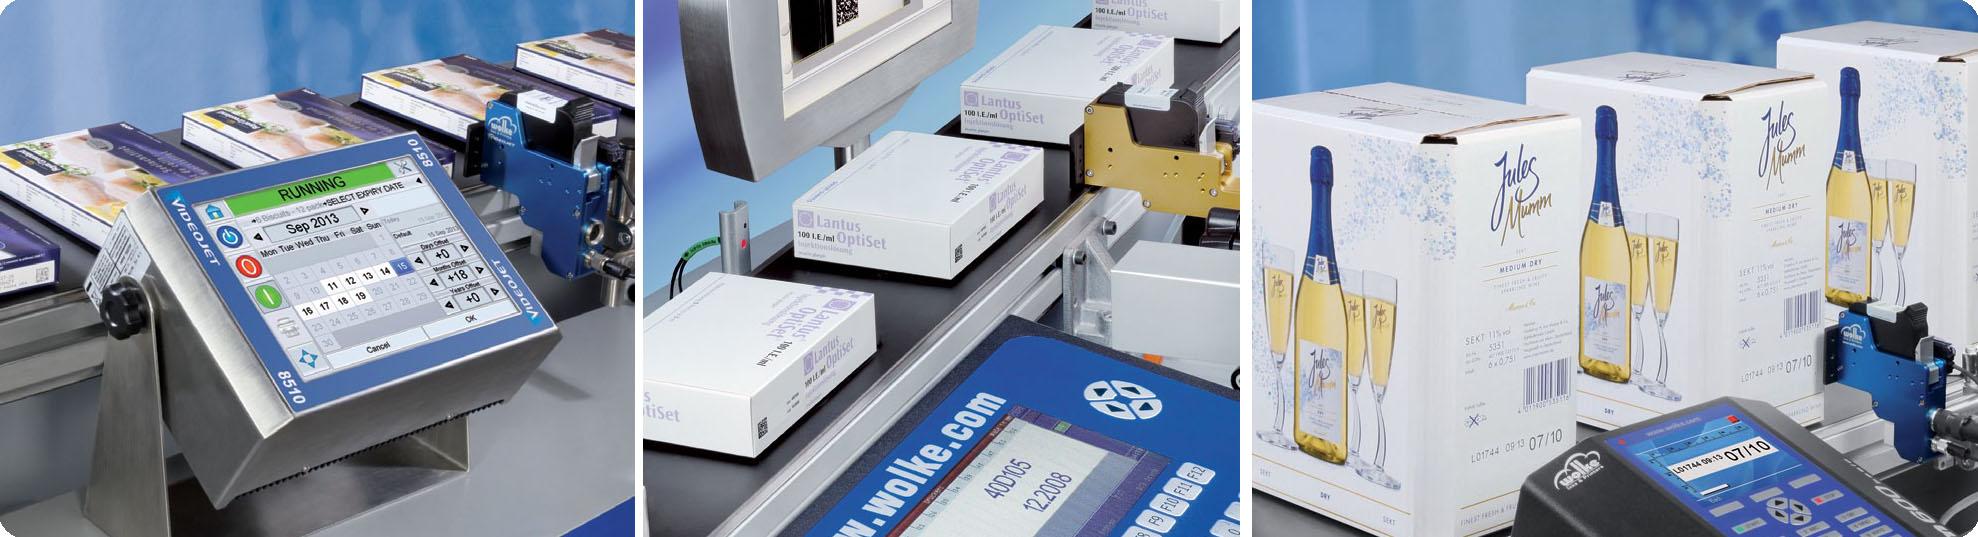 Märkningssystem med industriell termisk bläckstråleskrivare TIJ-skrivare